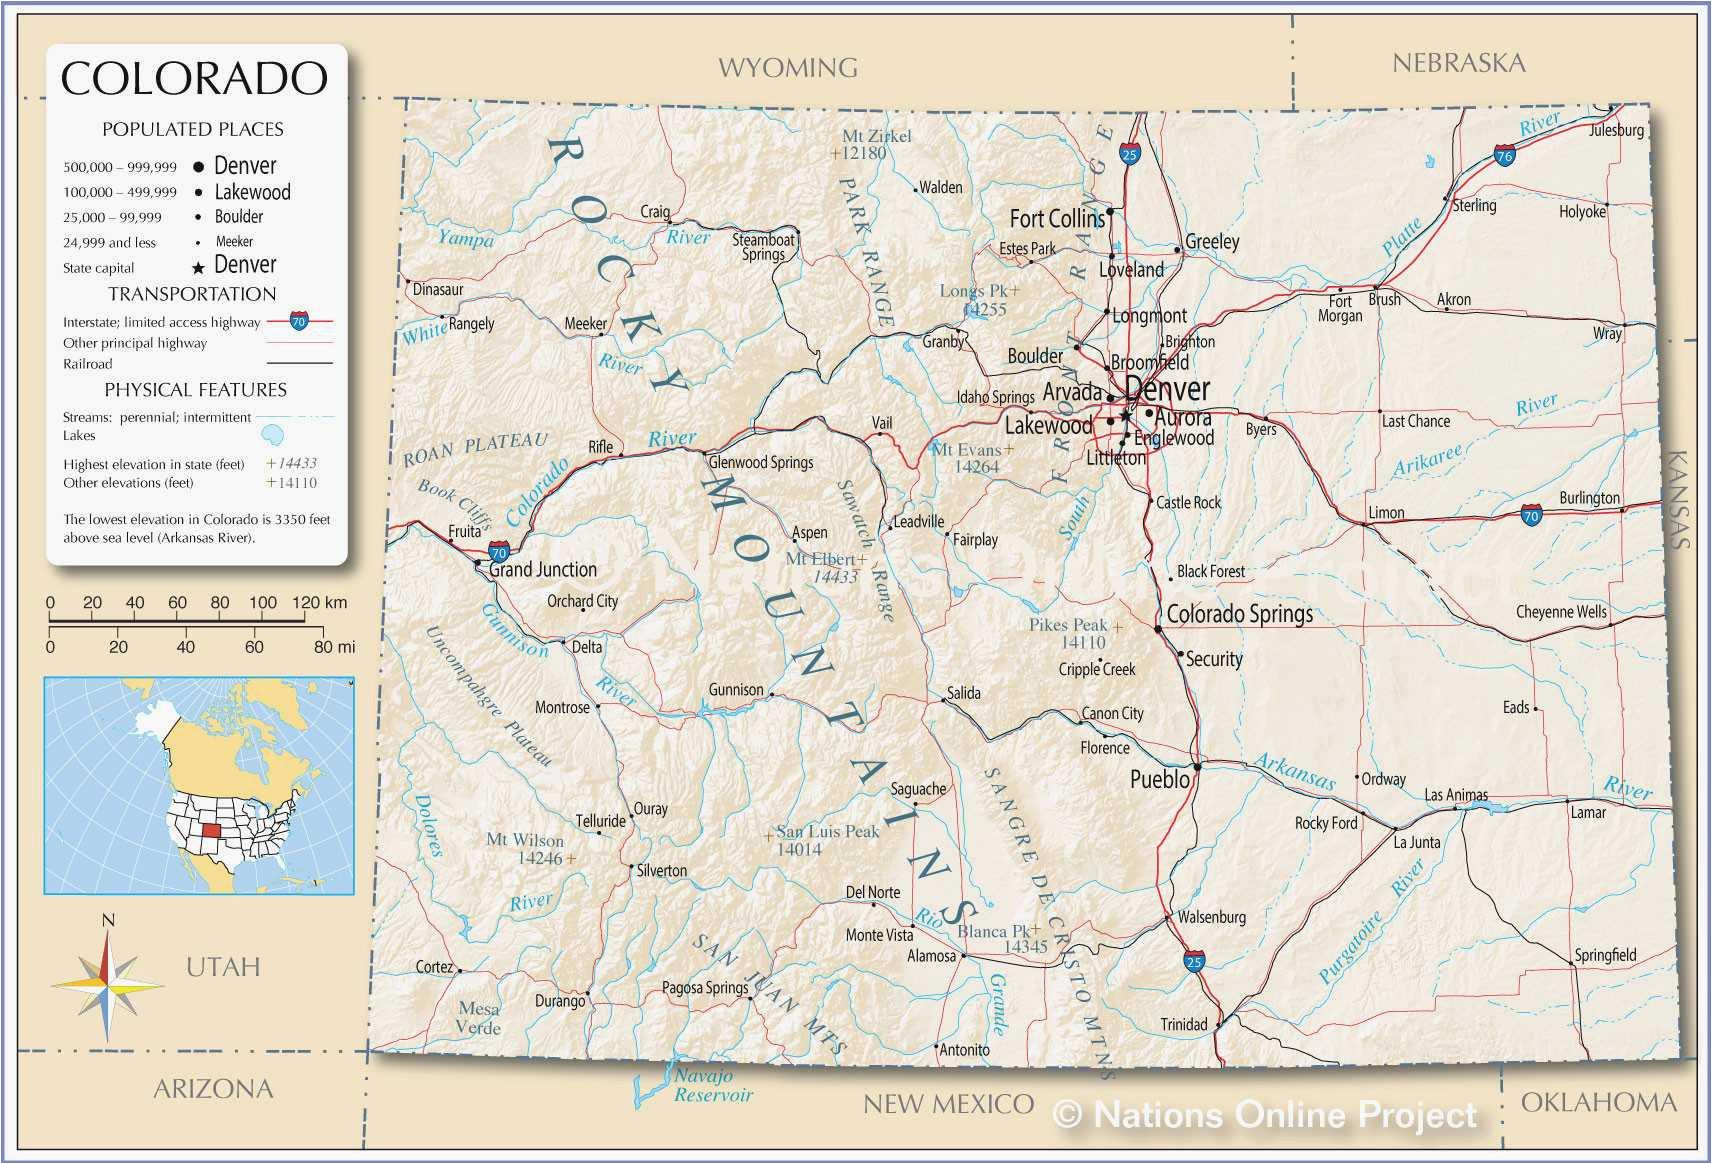 denver county map beautiful city map denver colorado map od colorado